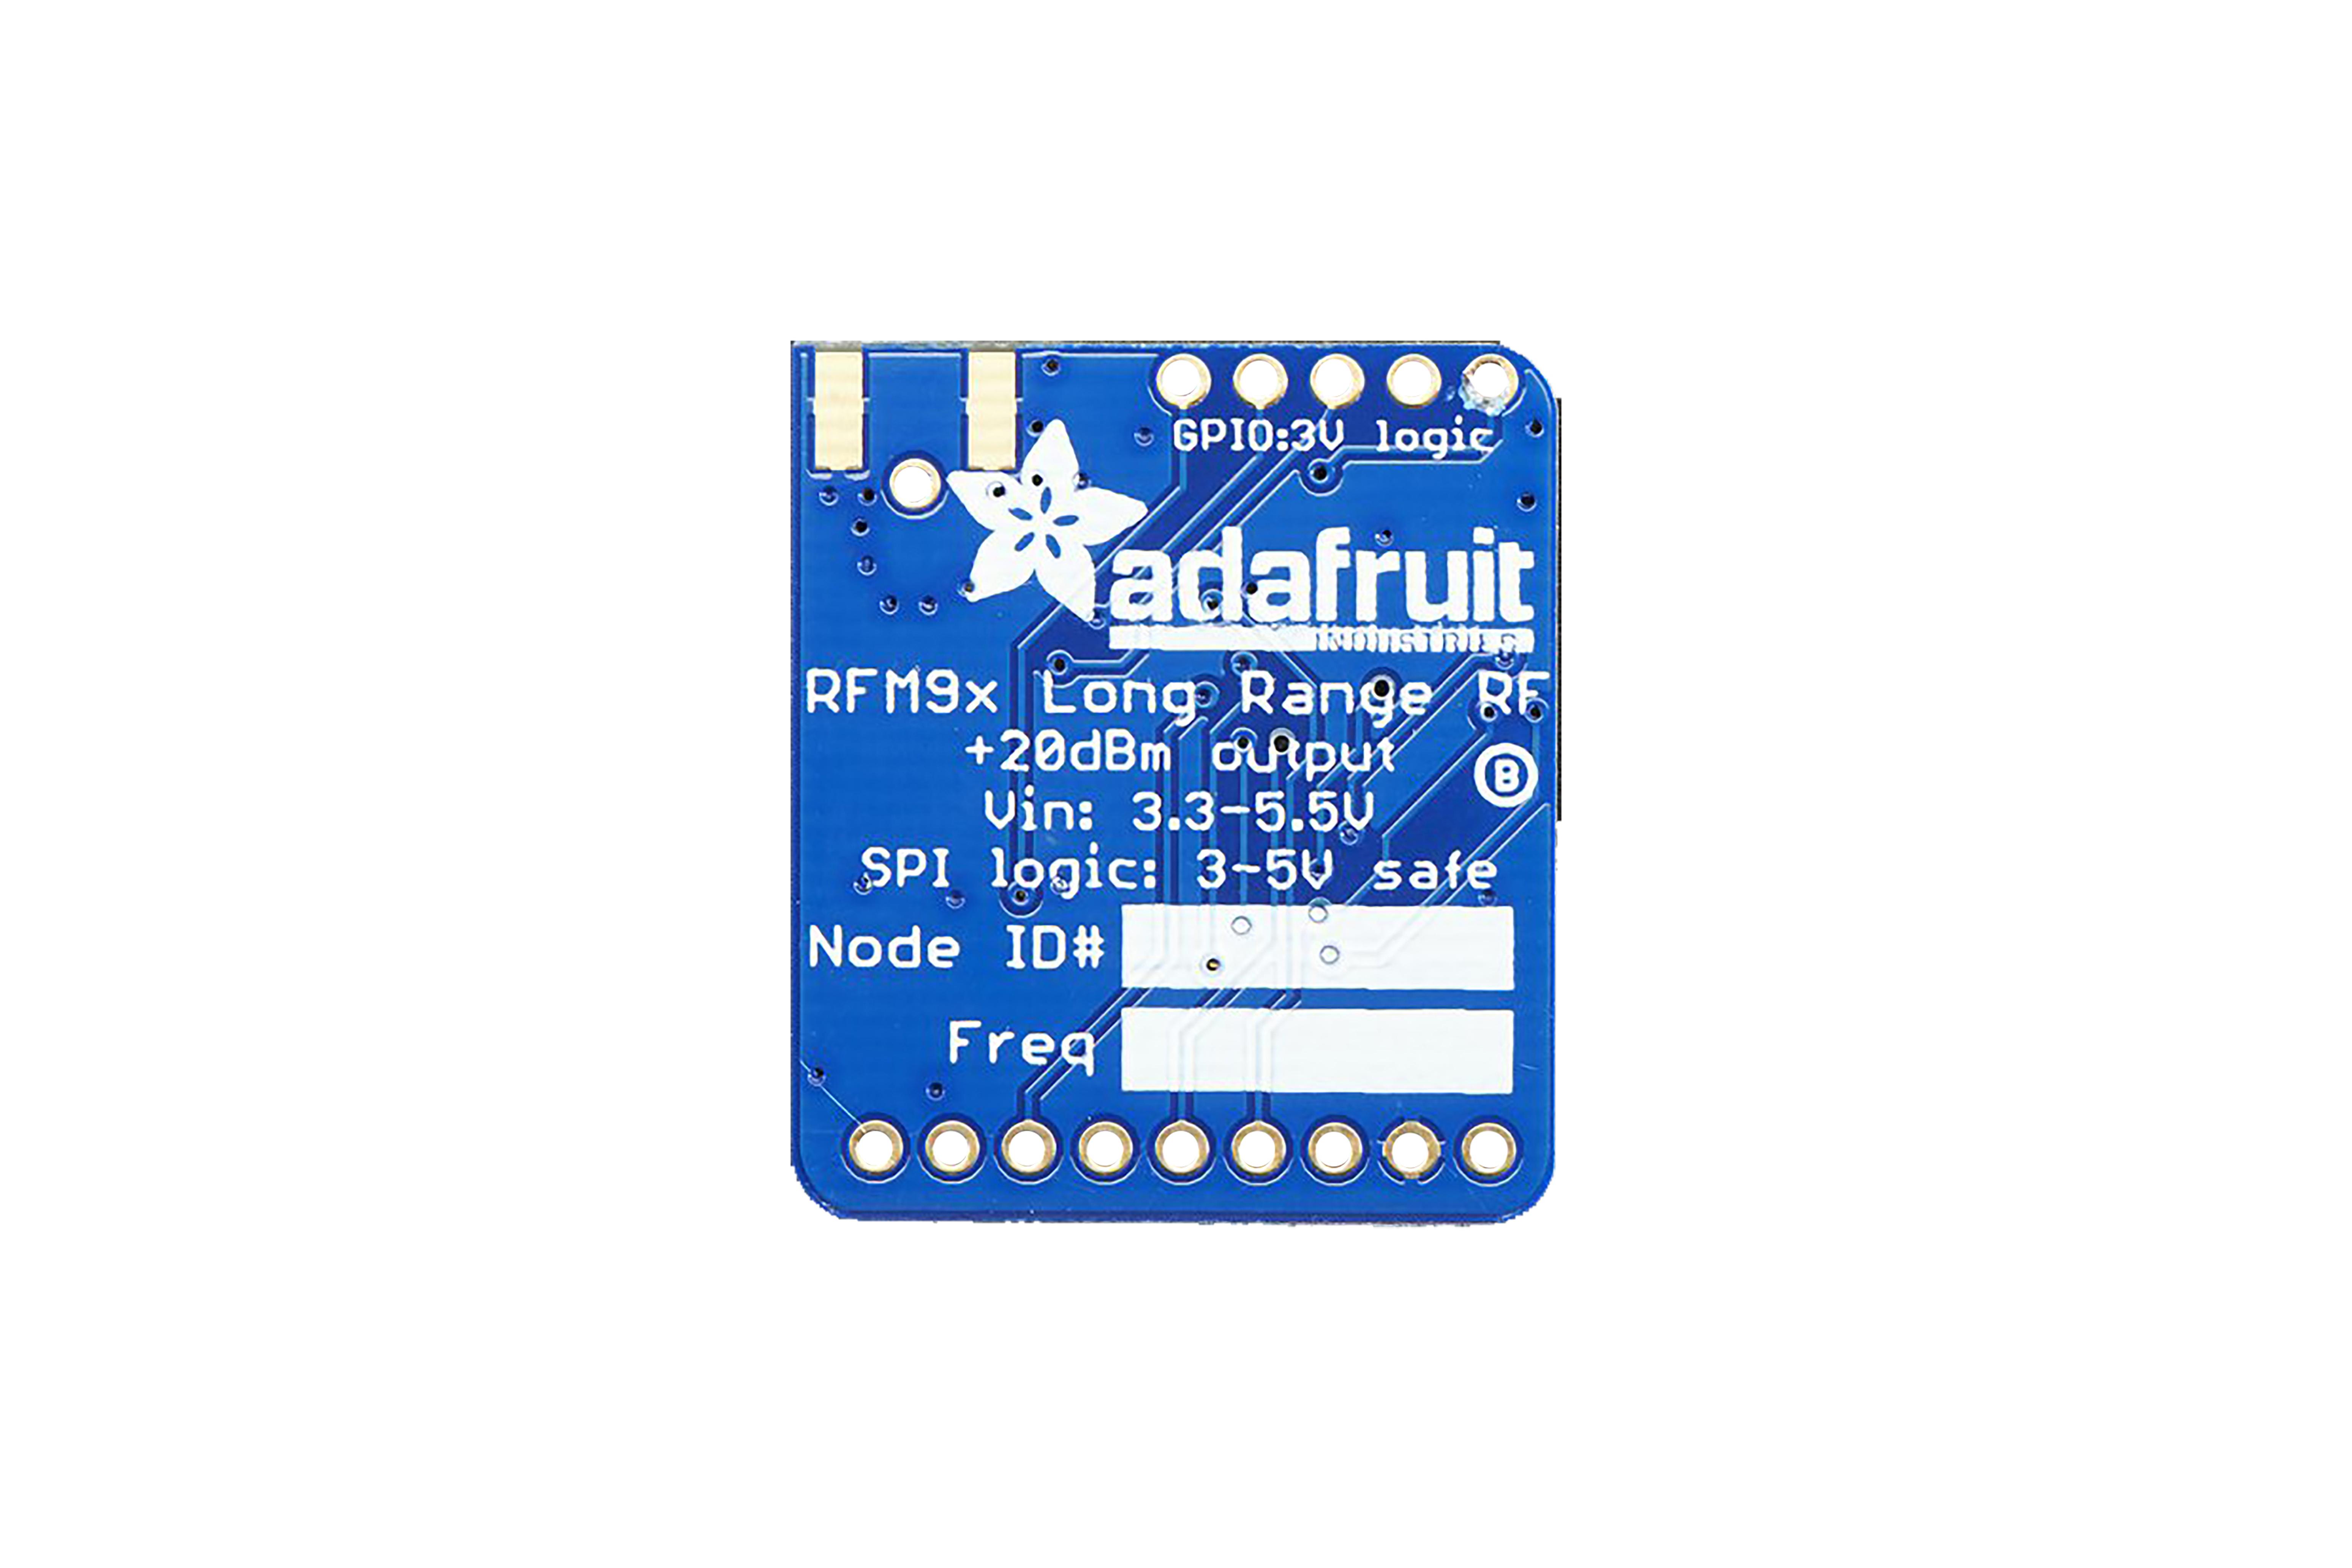 Carte d'émetteur-récepteur LoRa Adafruit 433 MHz